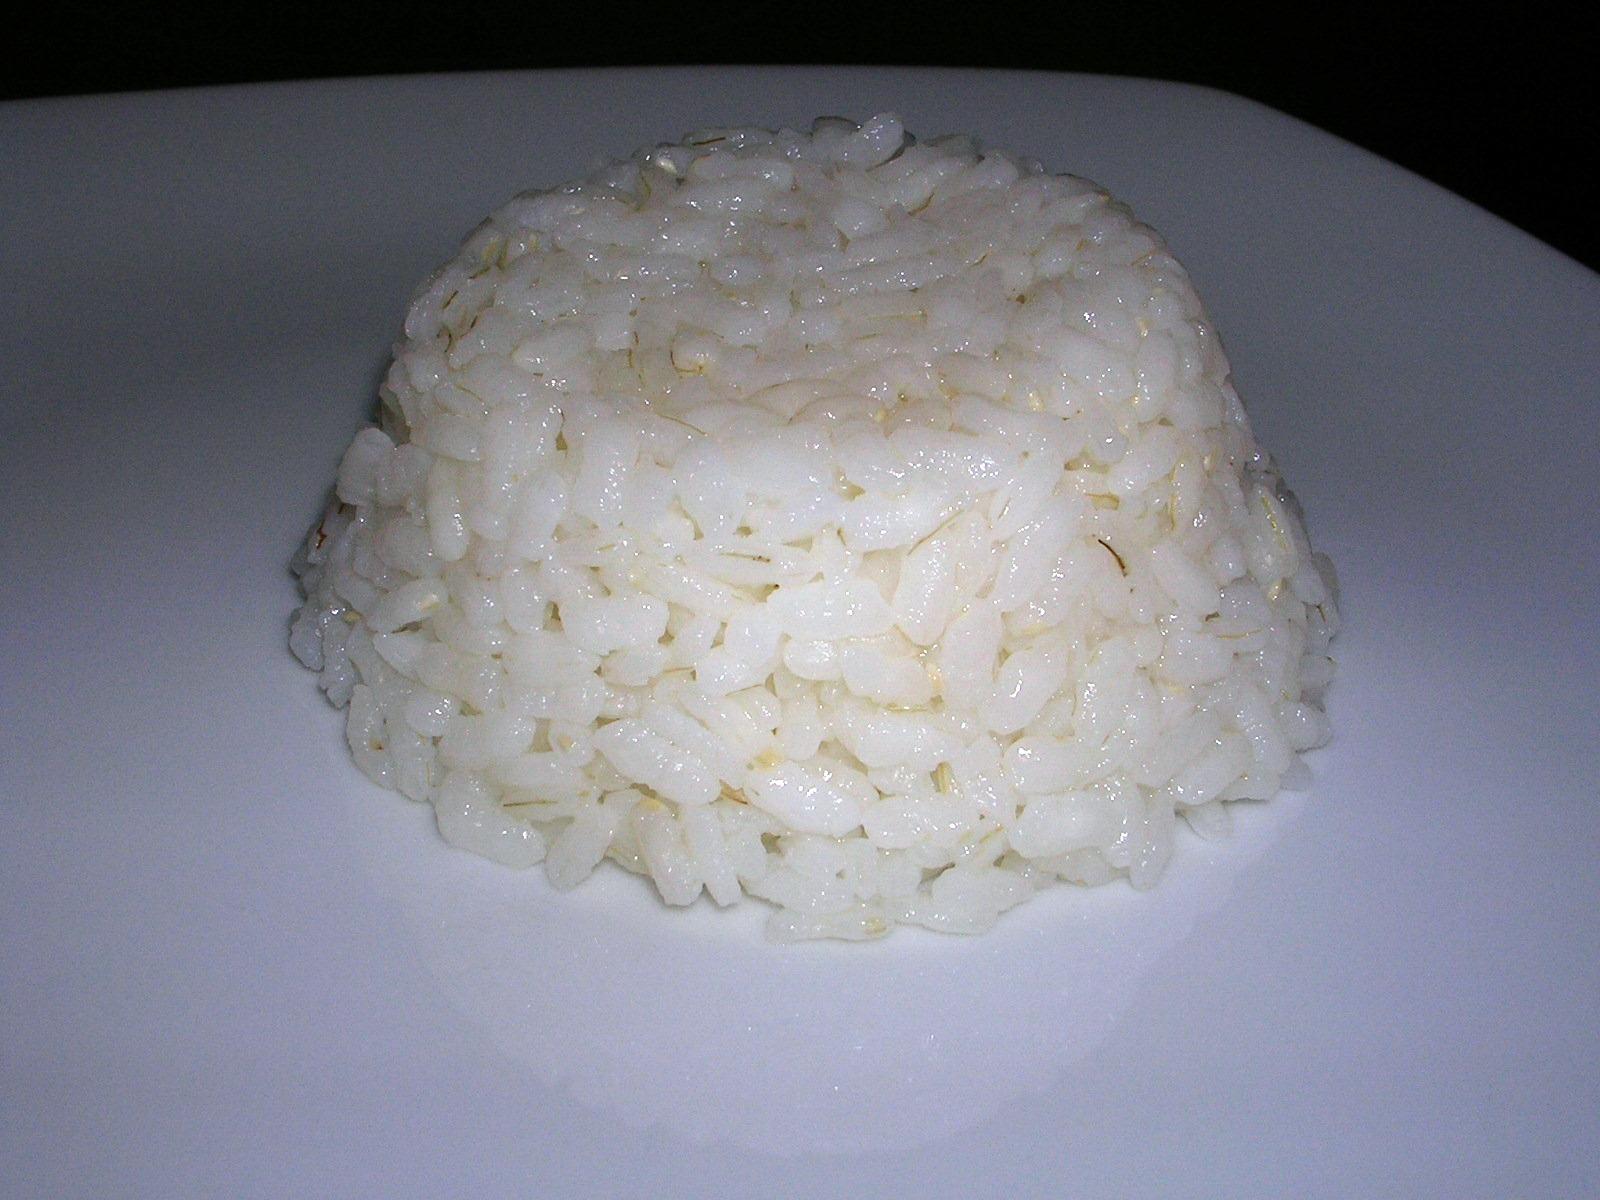 Cocinando contigo arroz blanco para acompa amiento for Cocinar 2 tazas de arroz